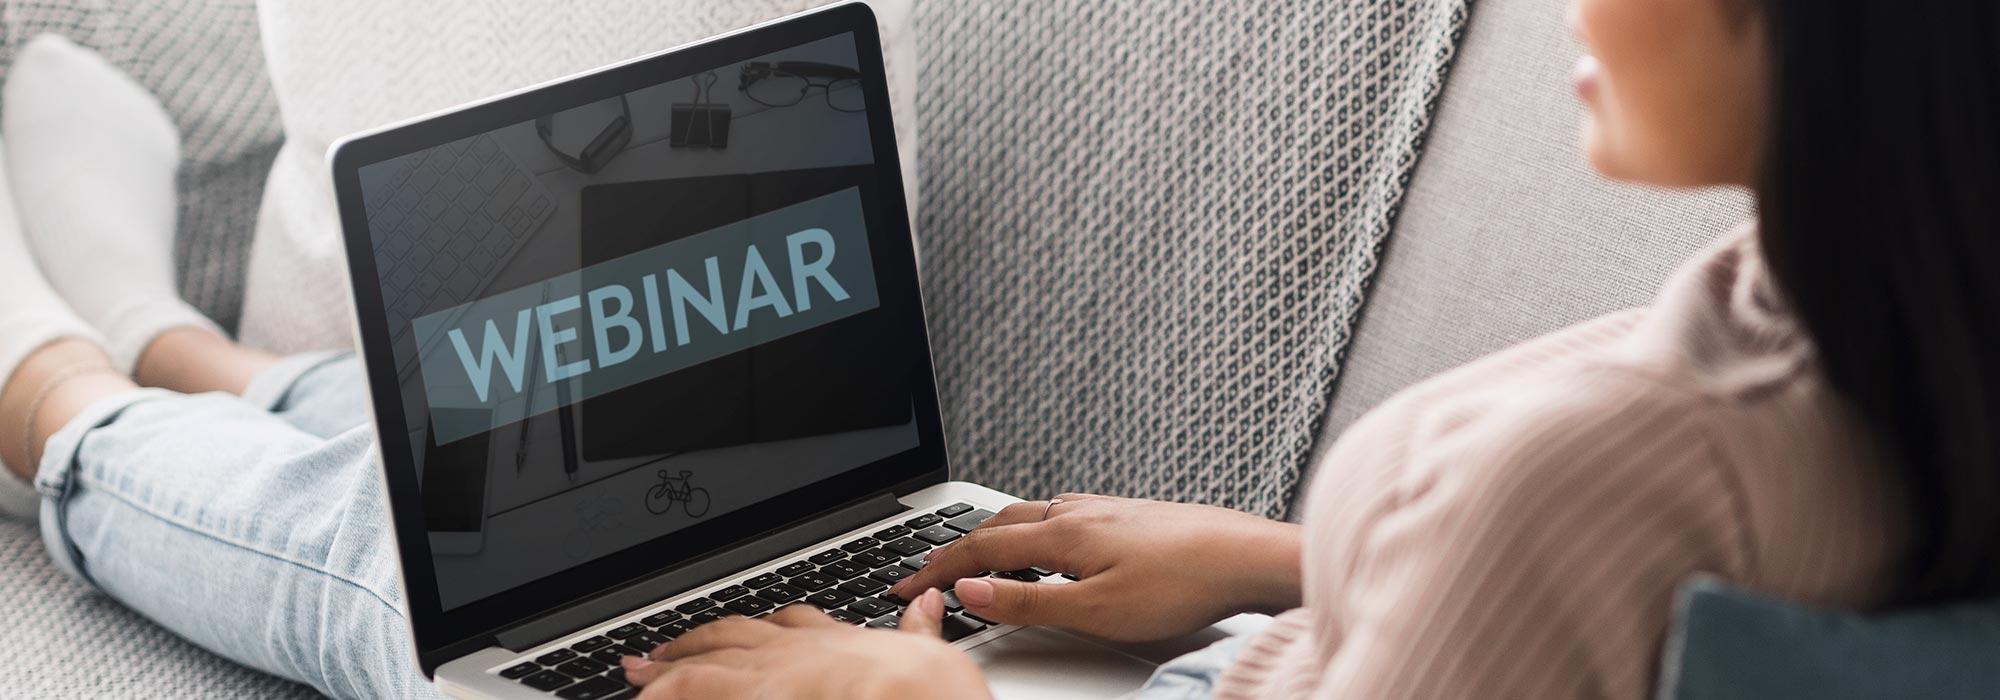 realizzazione webinar videoconferenze milano